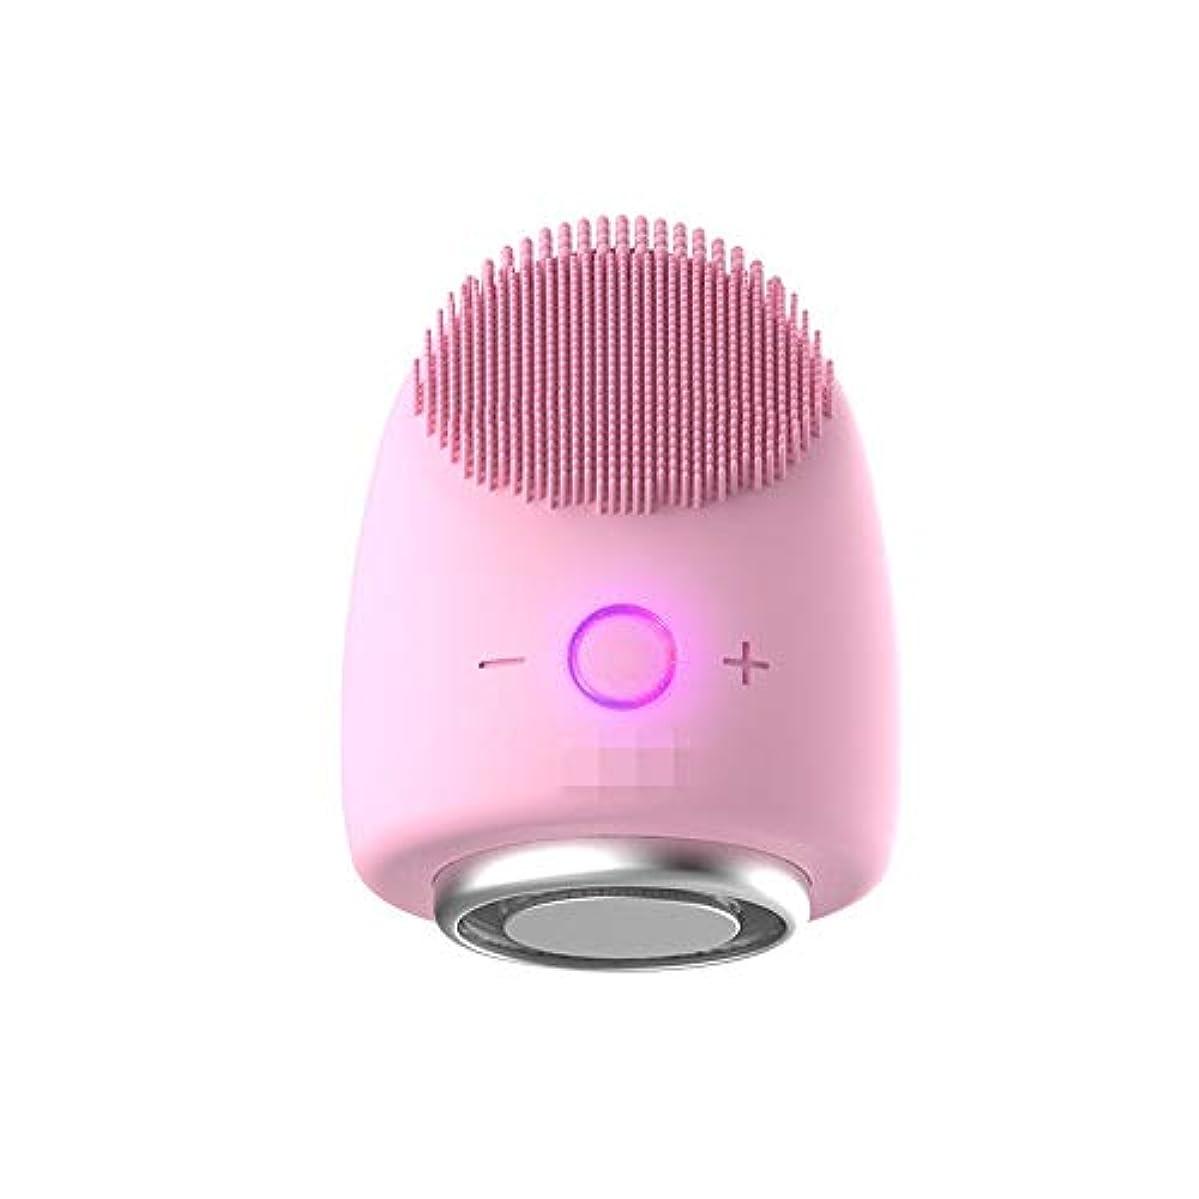 意図する長方形盆Chaopeng 多機能美容器具洗浄器具導入器具凝縮ホットドレッシング肌活性化器具 (Color : ピンク)